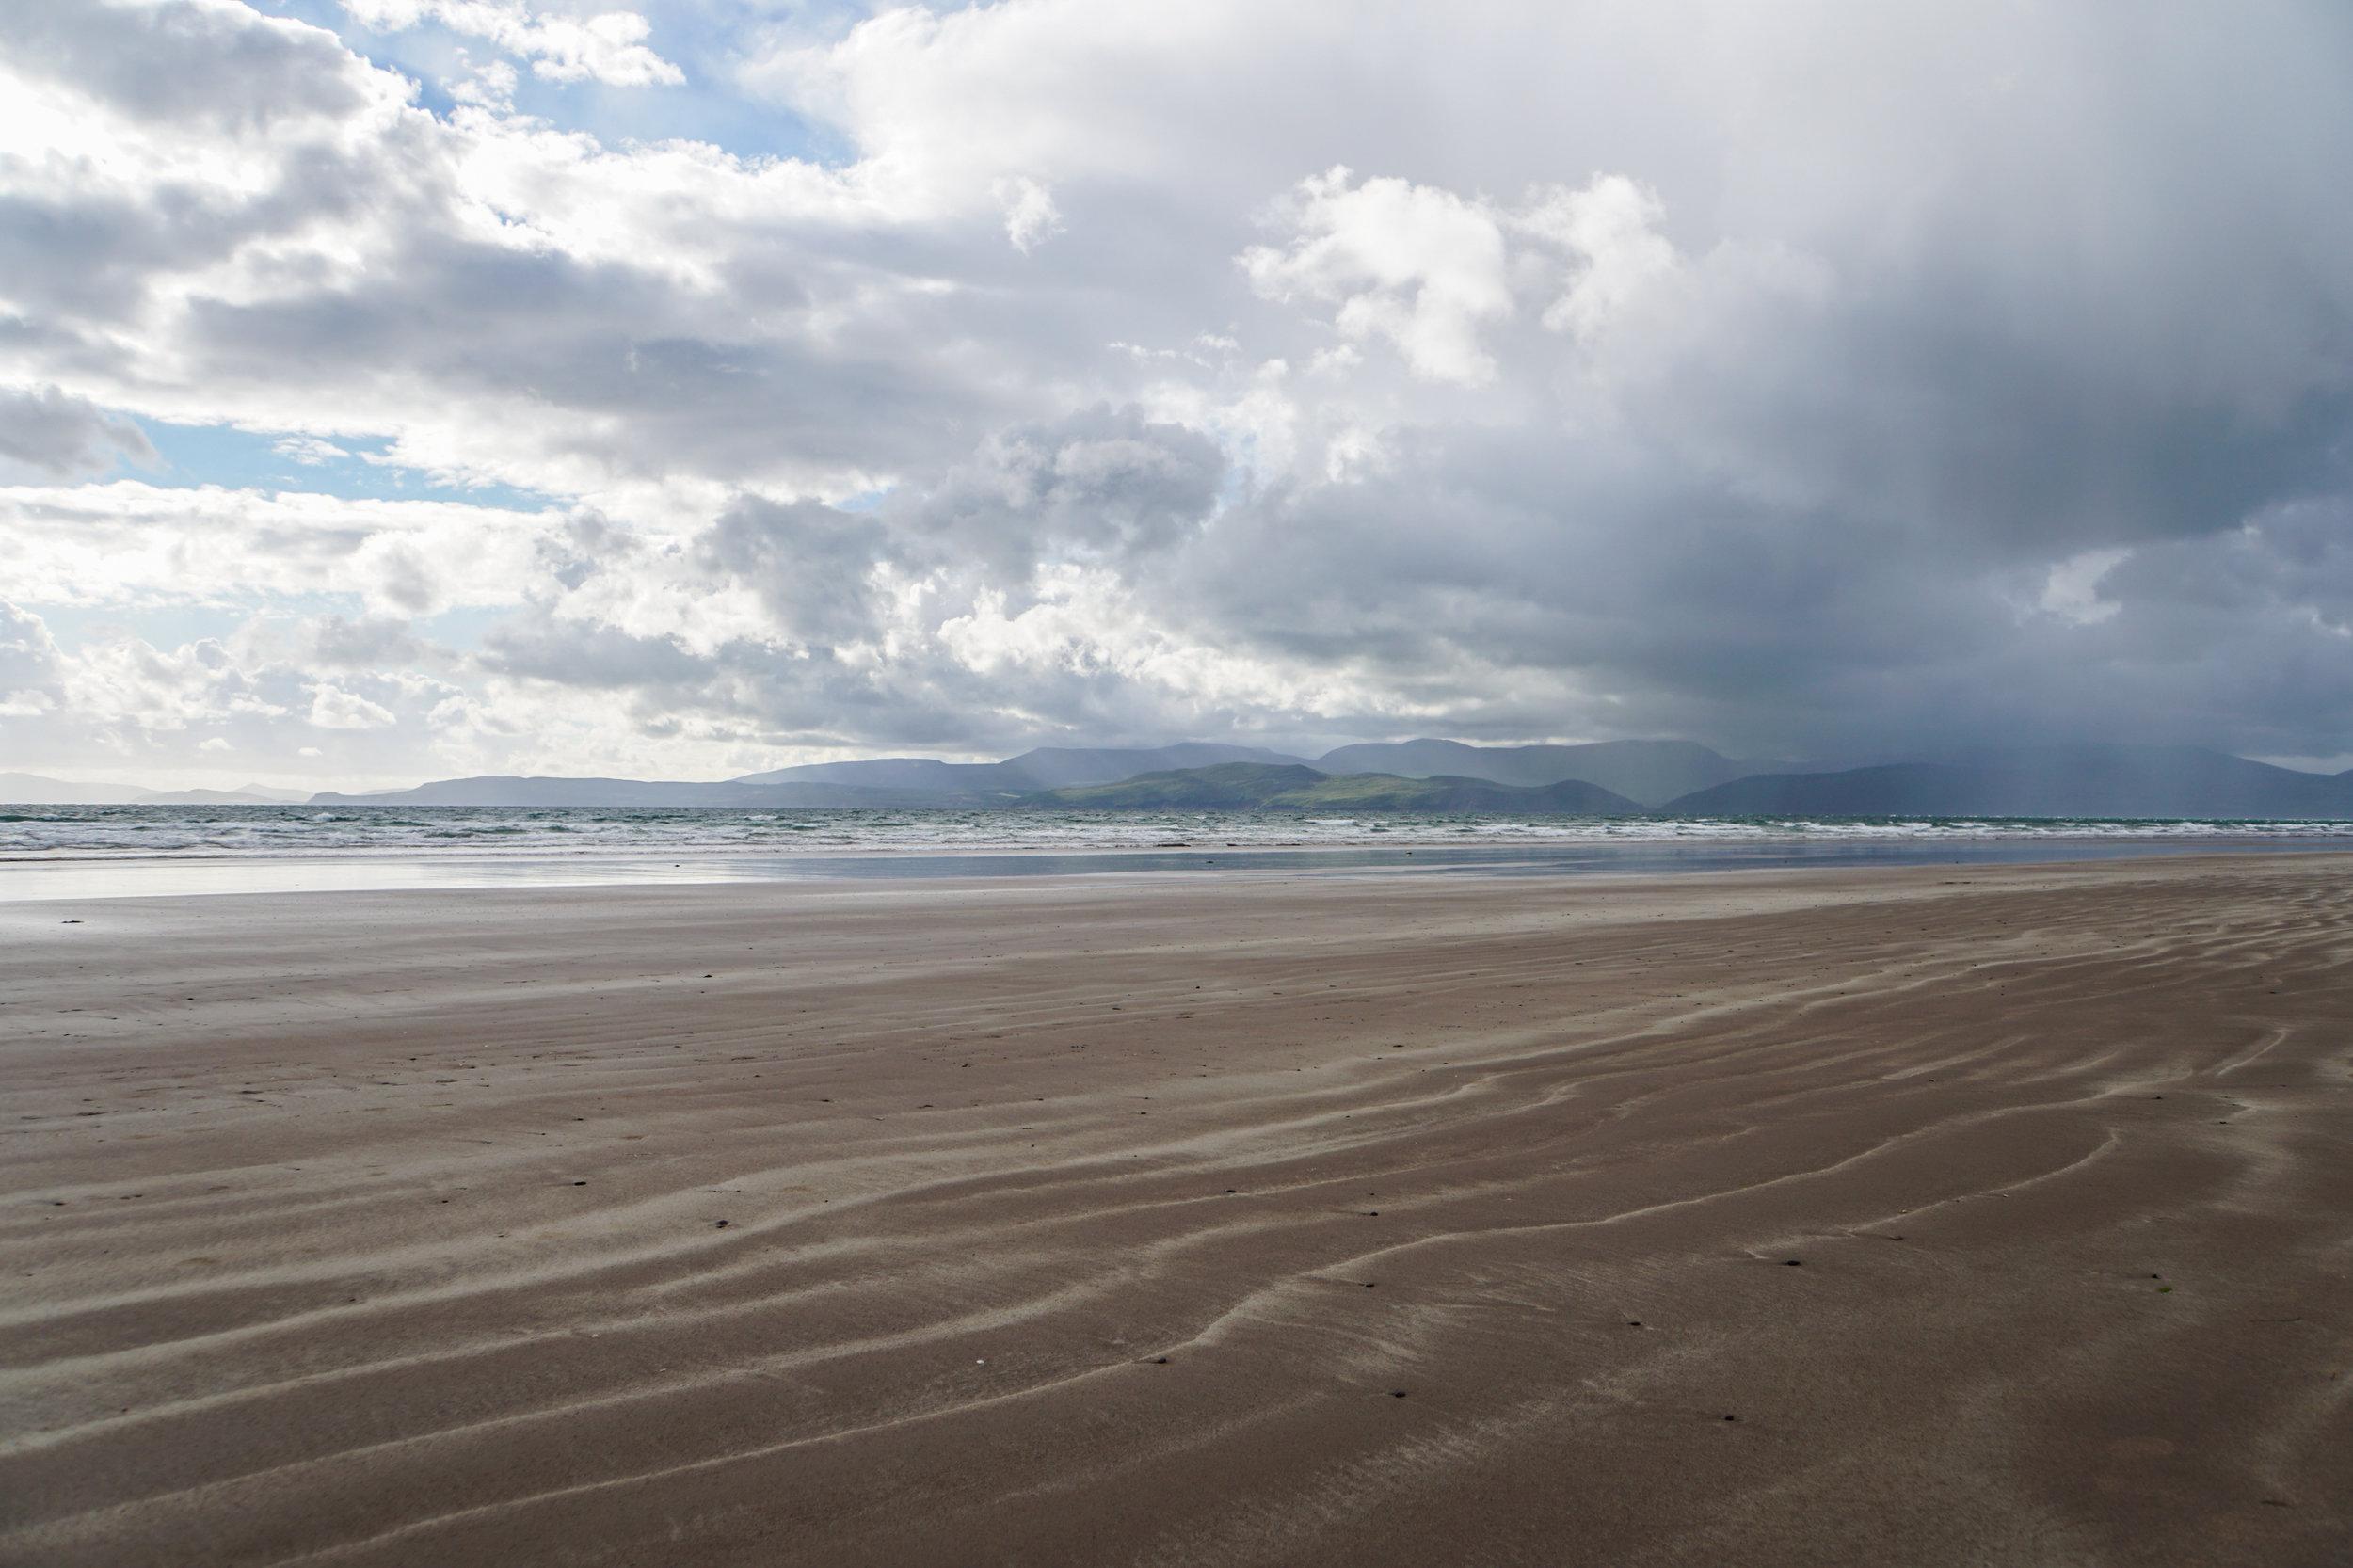 Kerry loop sand dune beach wind ripples on sand.jpg